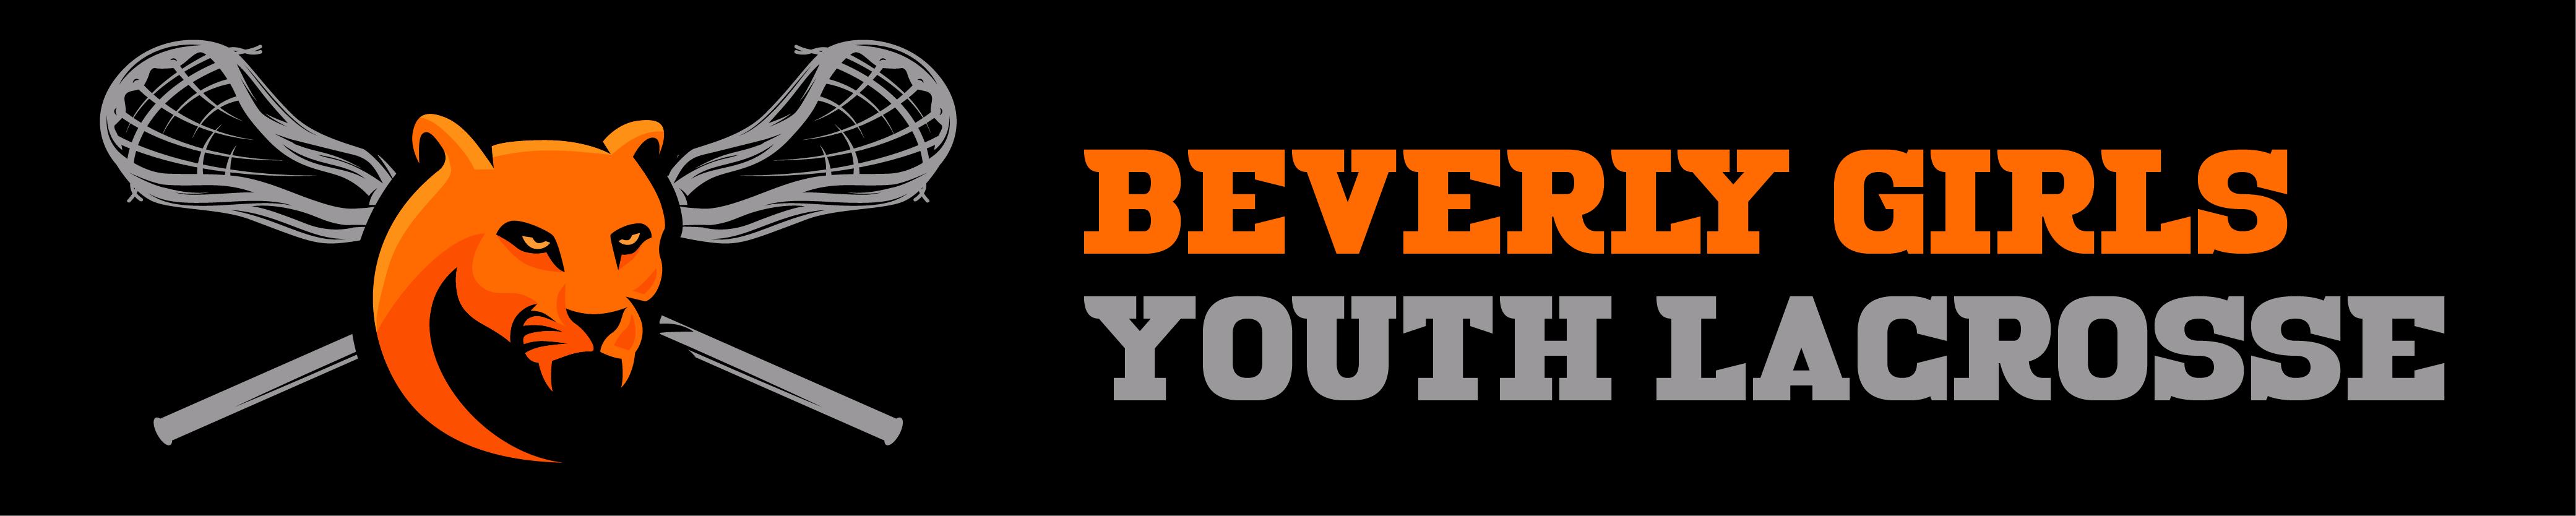 Beverly Girls Youth Lacrosse, Lacrosse, Goal, Field